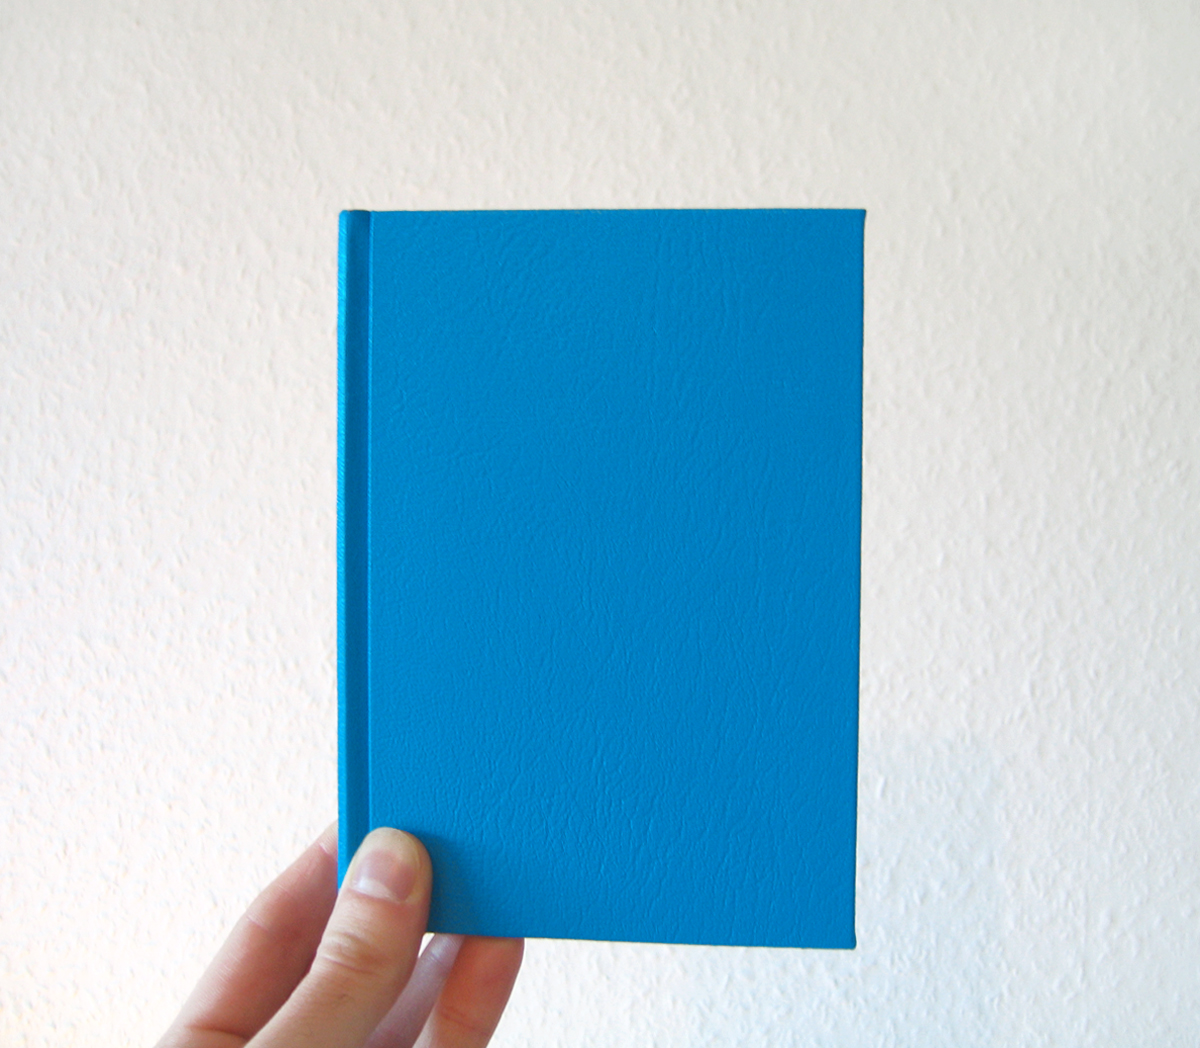 livre-bleu-36